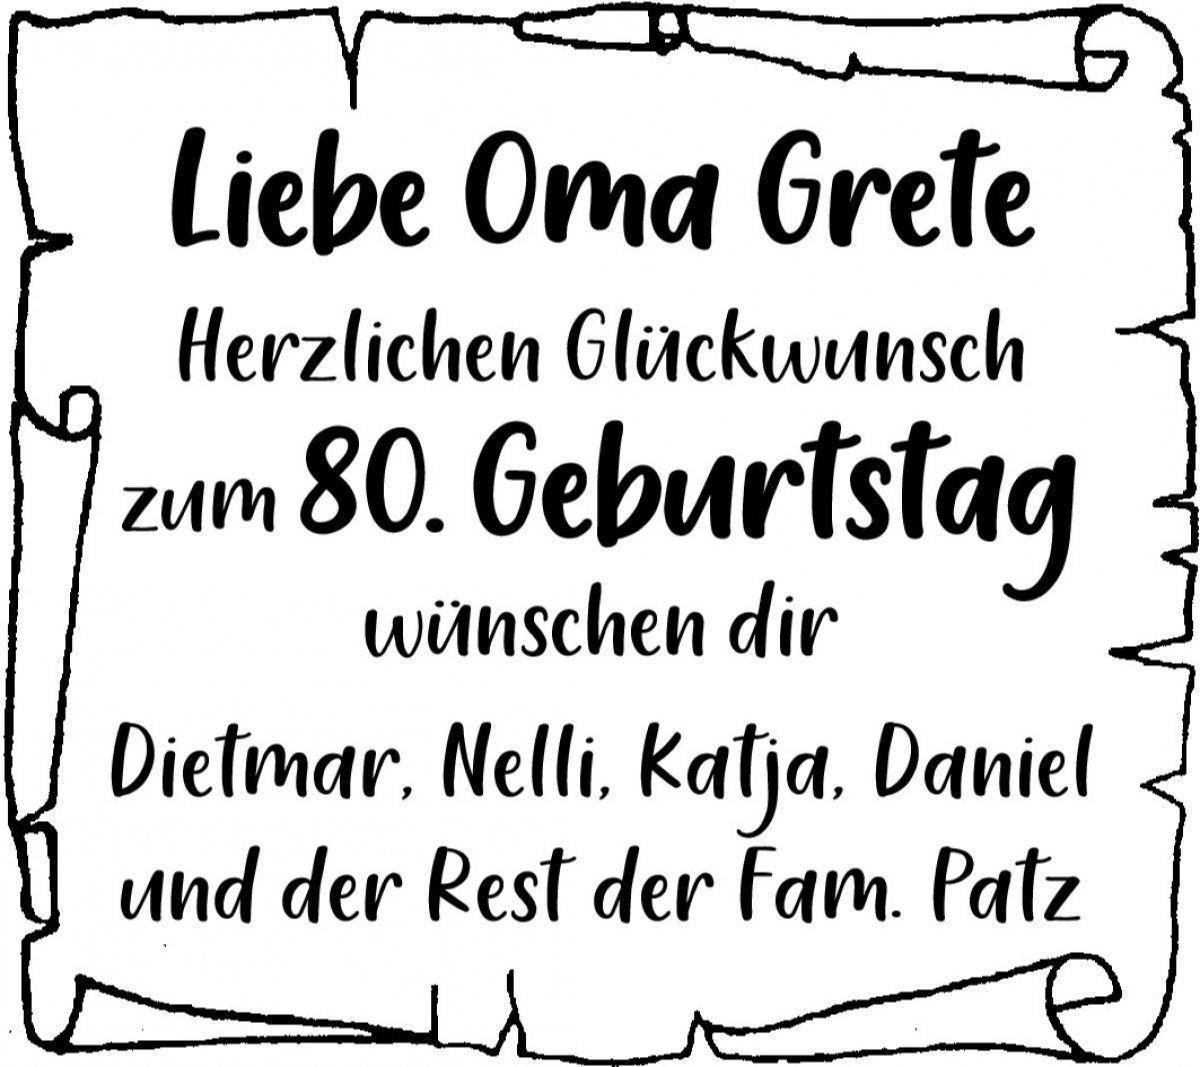 Geburtstag glückwünsche oma 80 Glückwünsche 80.